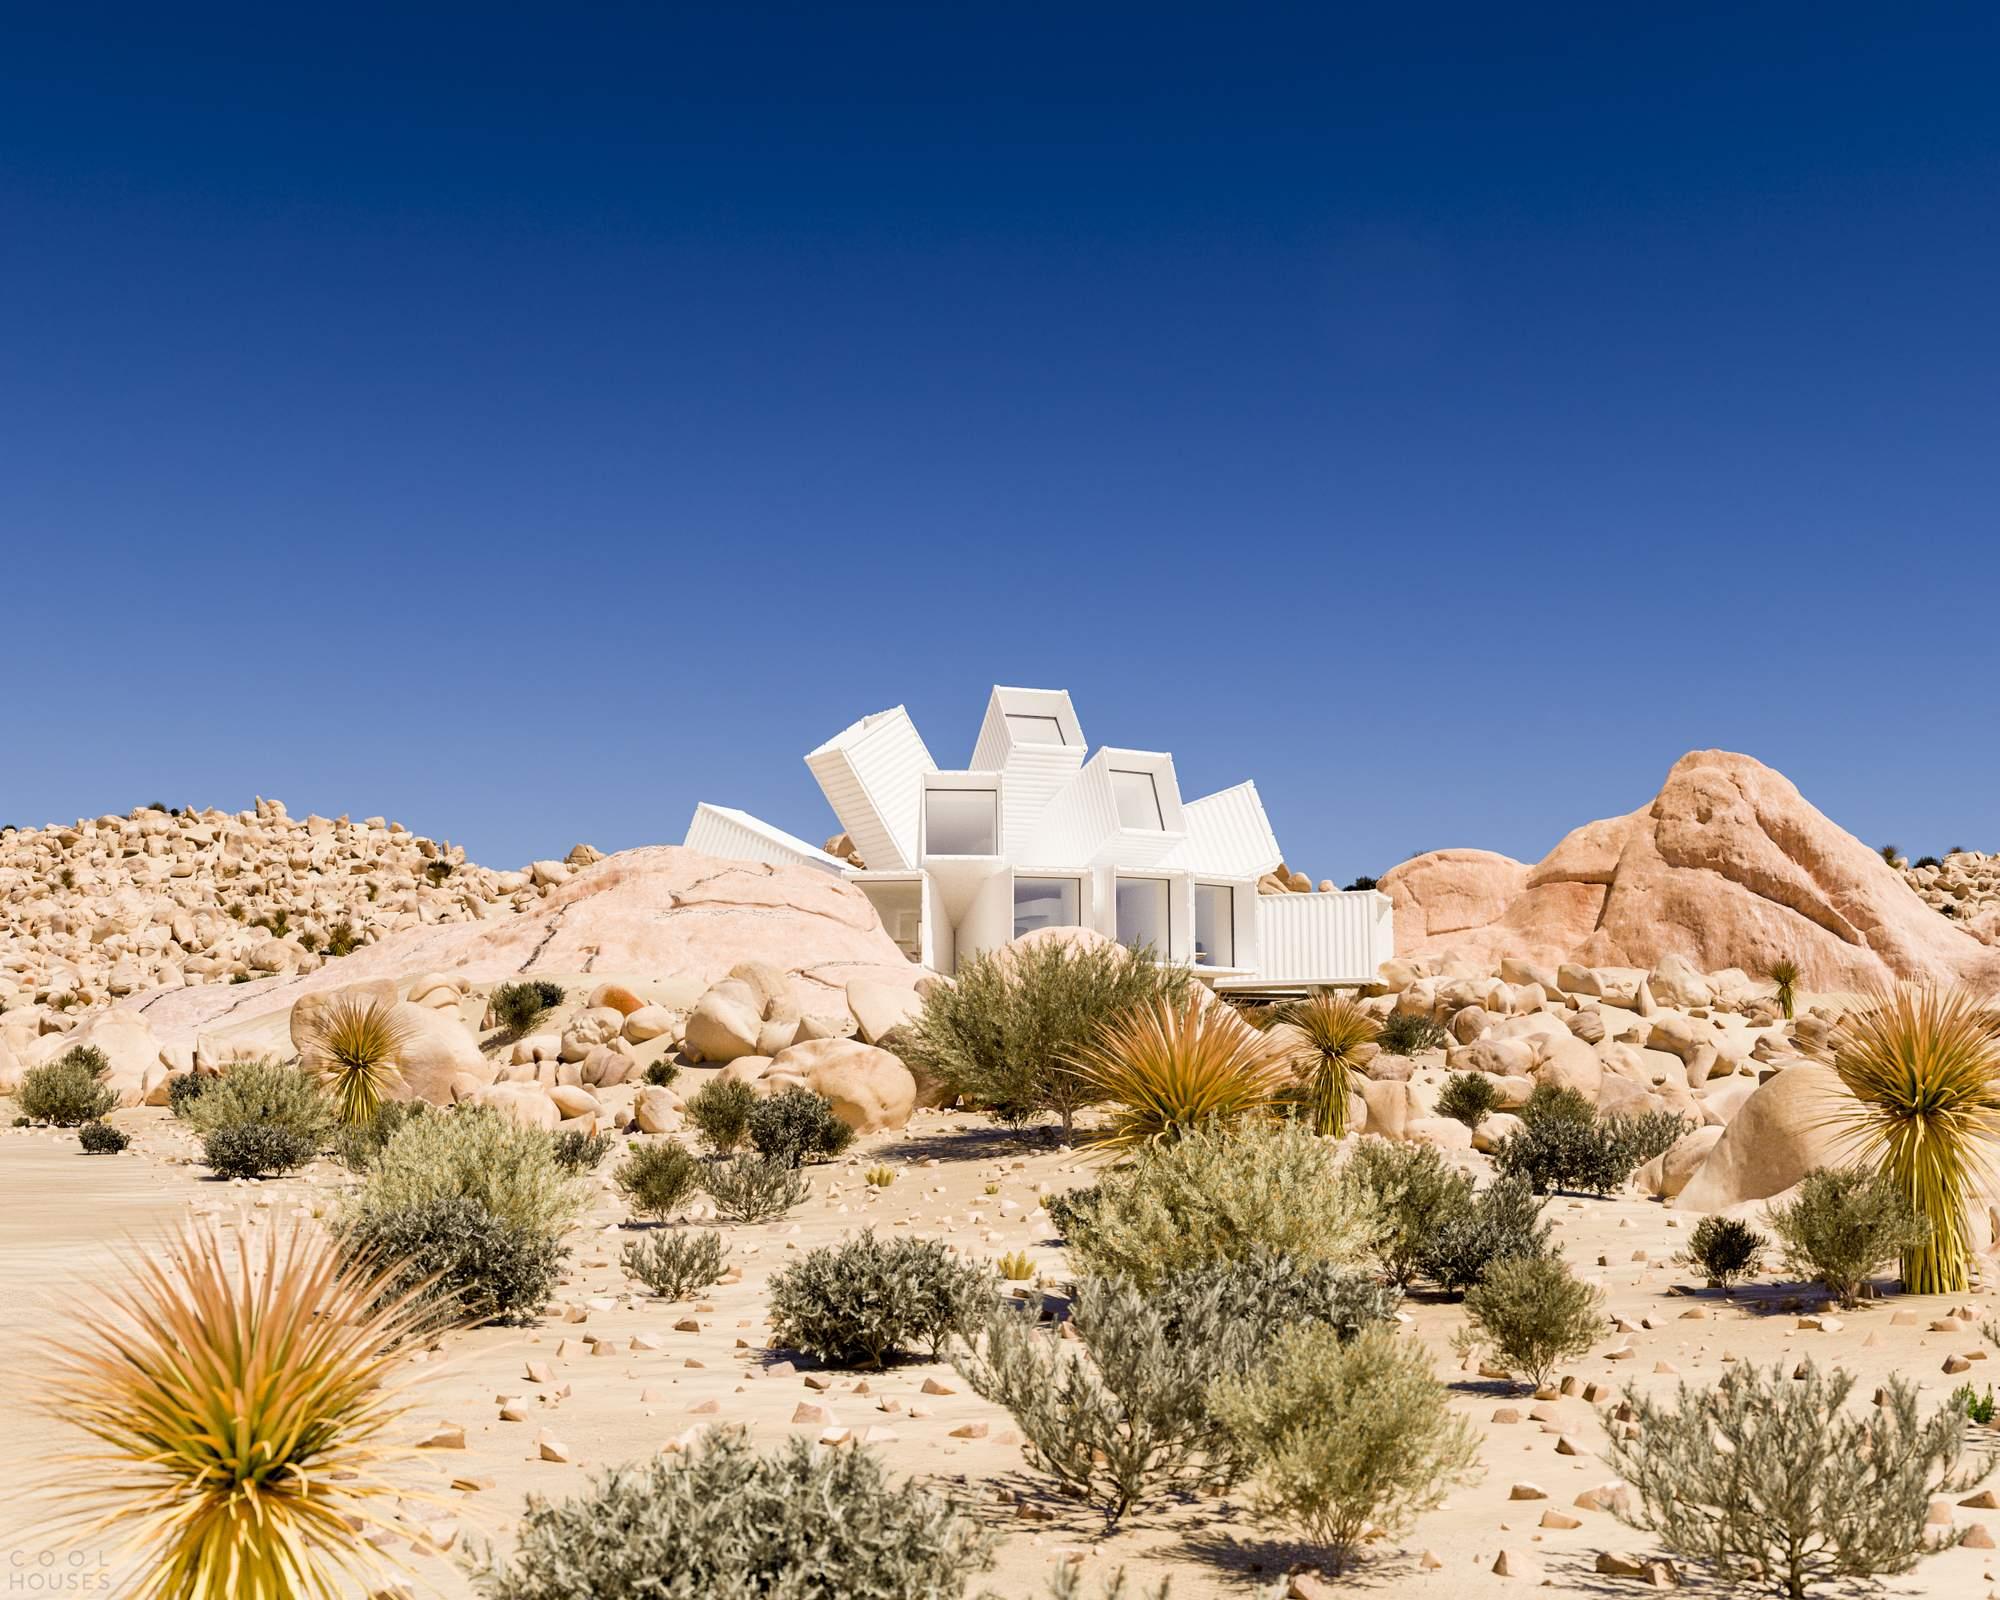 Дом-звезда из грузовых контейнеров в калифорнийской пустыне, США